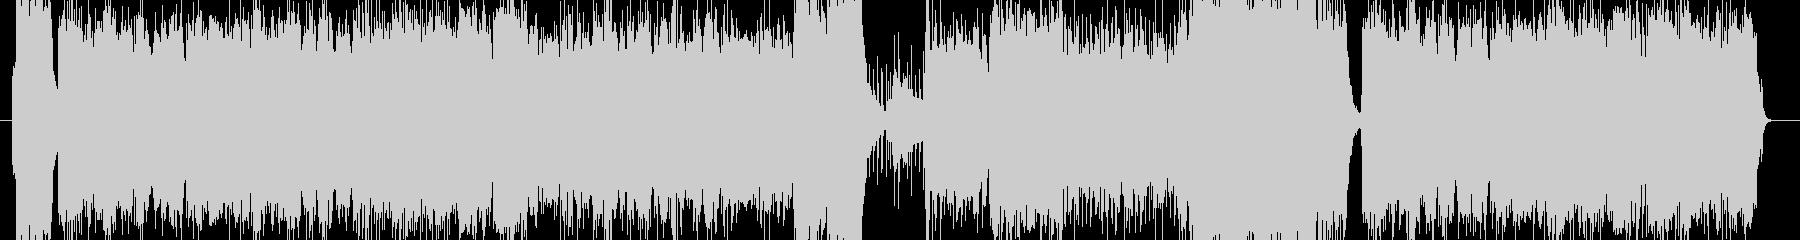 エレキギター炸裂のスピード感あるロックの未再生の波形